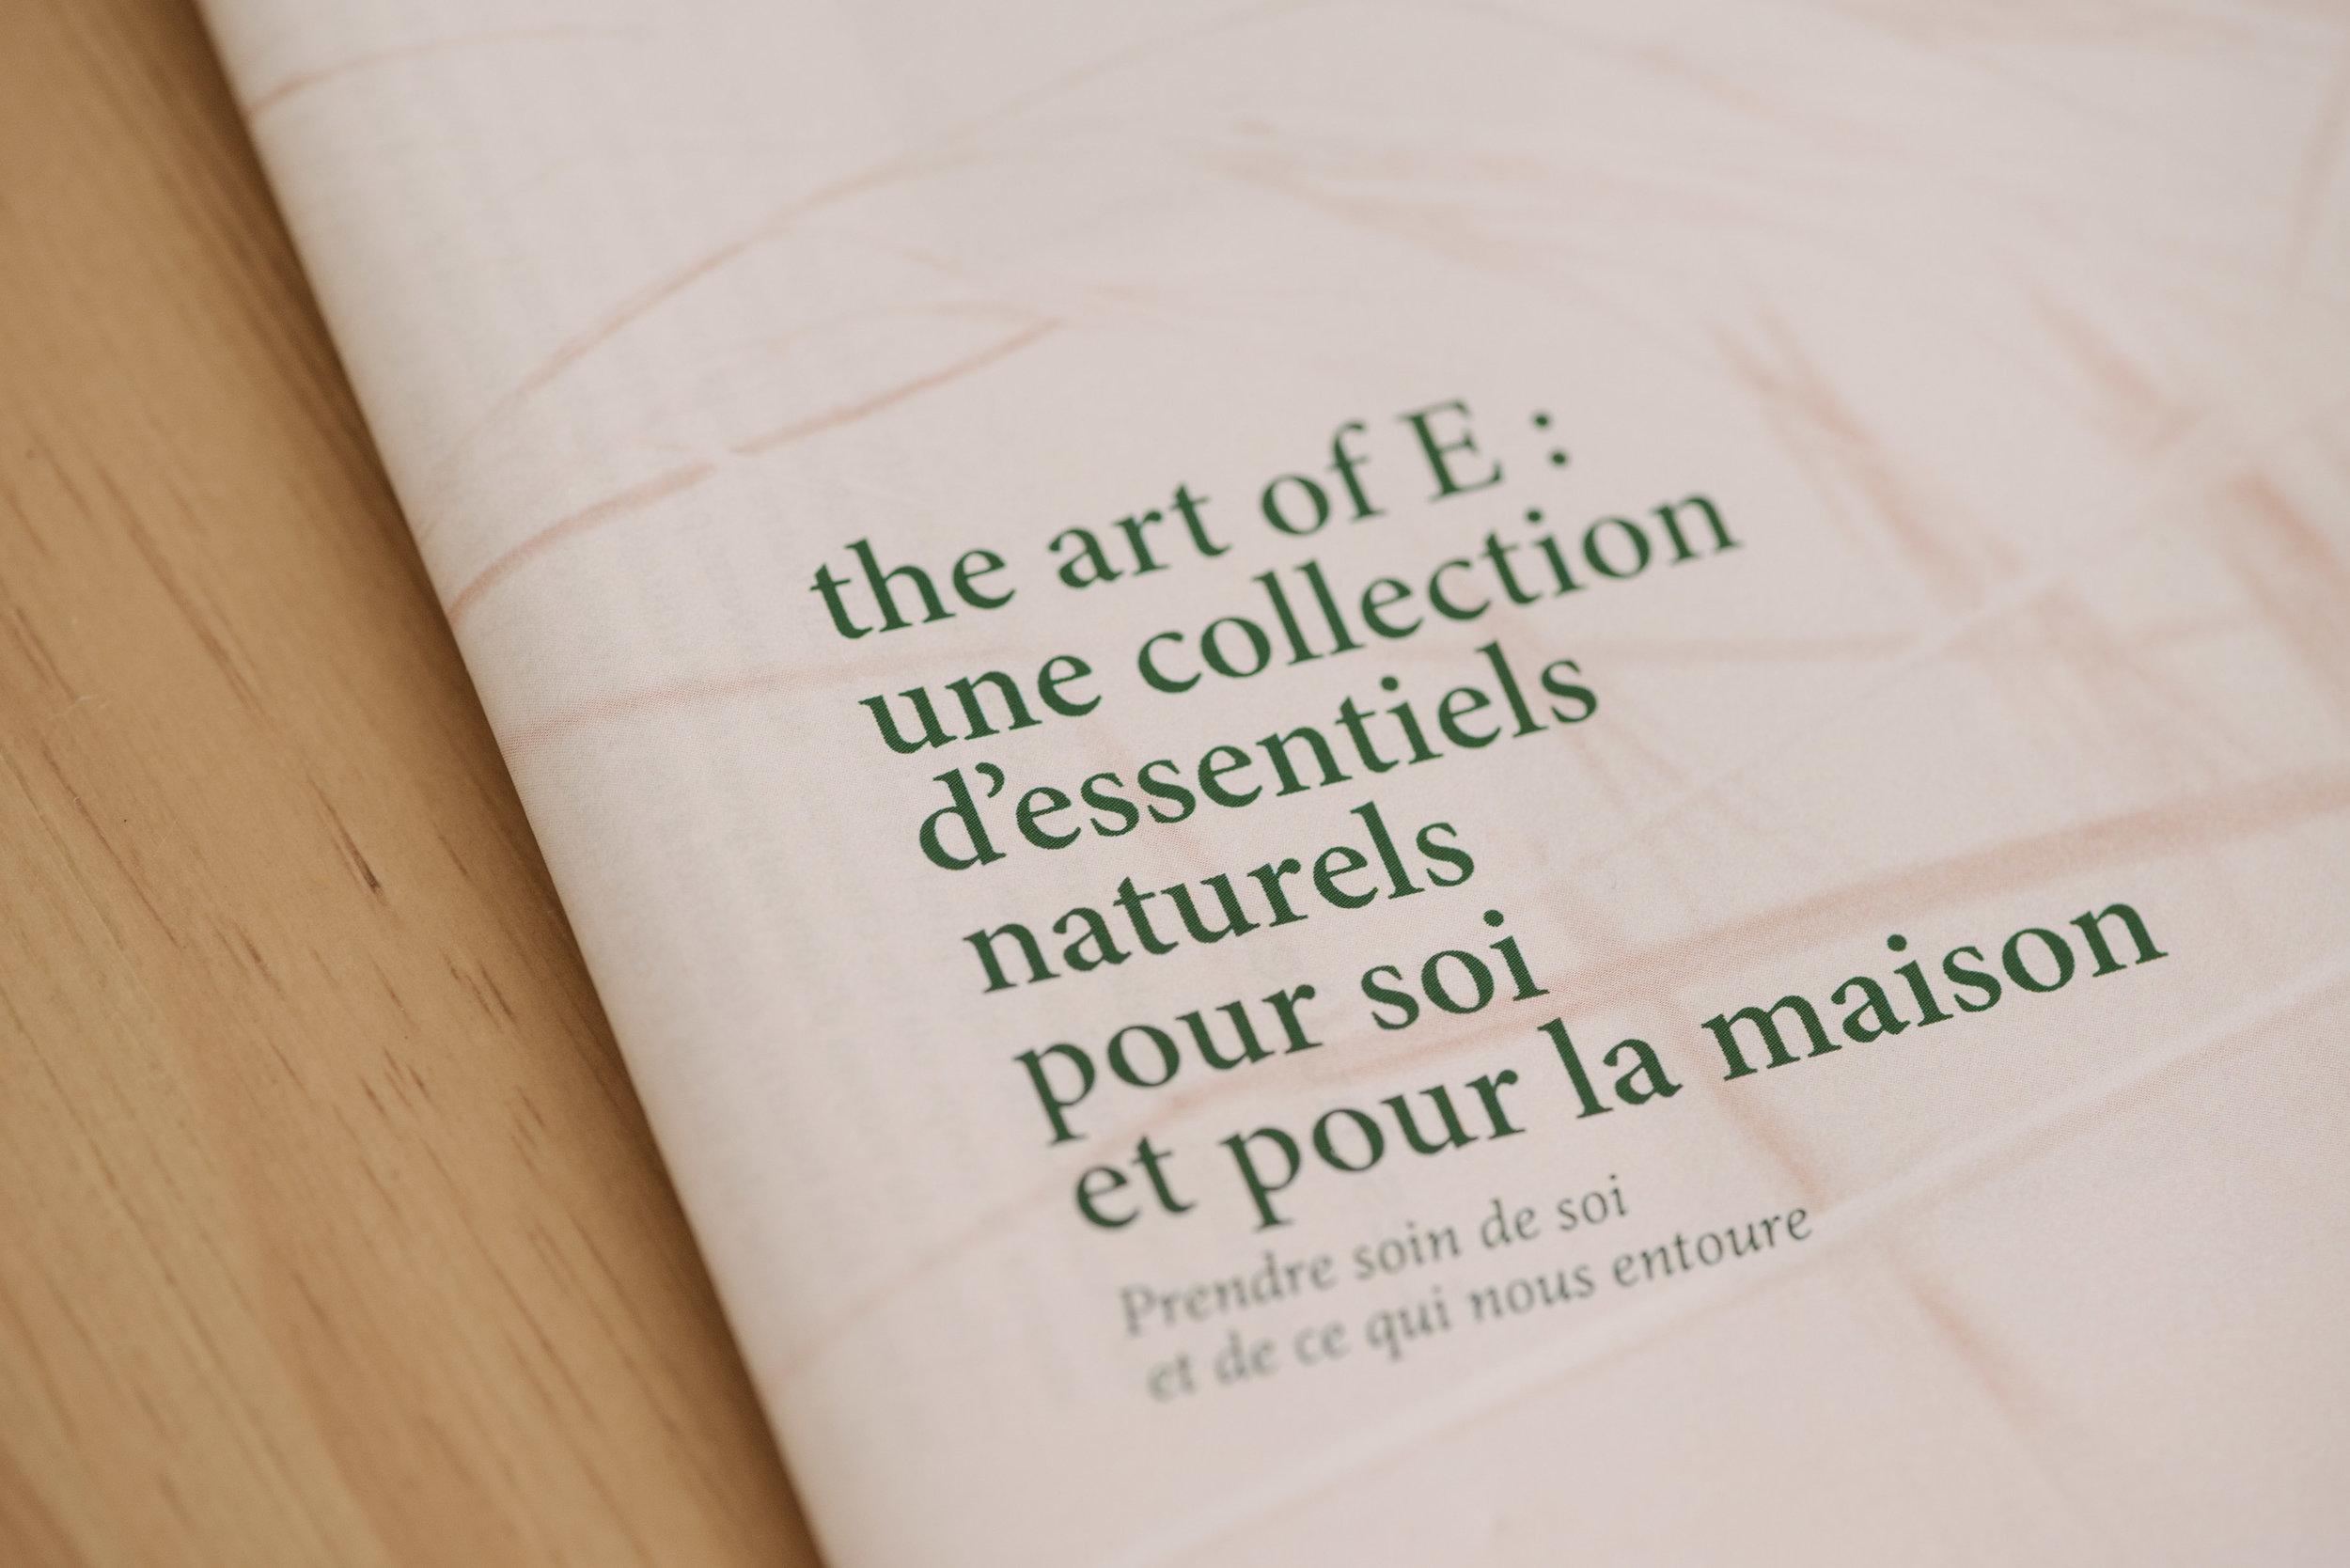 The Art of E - Olivia Thébaut